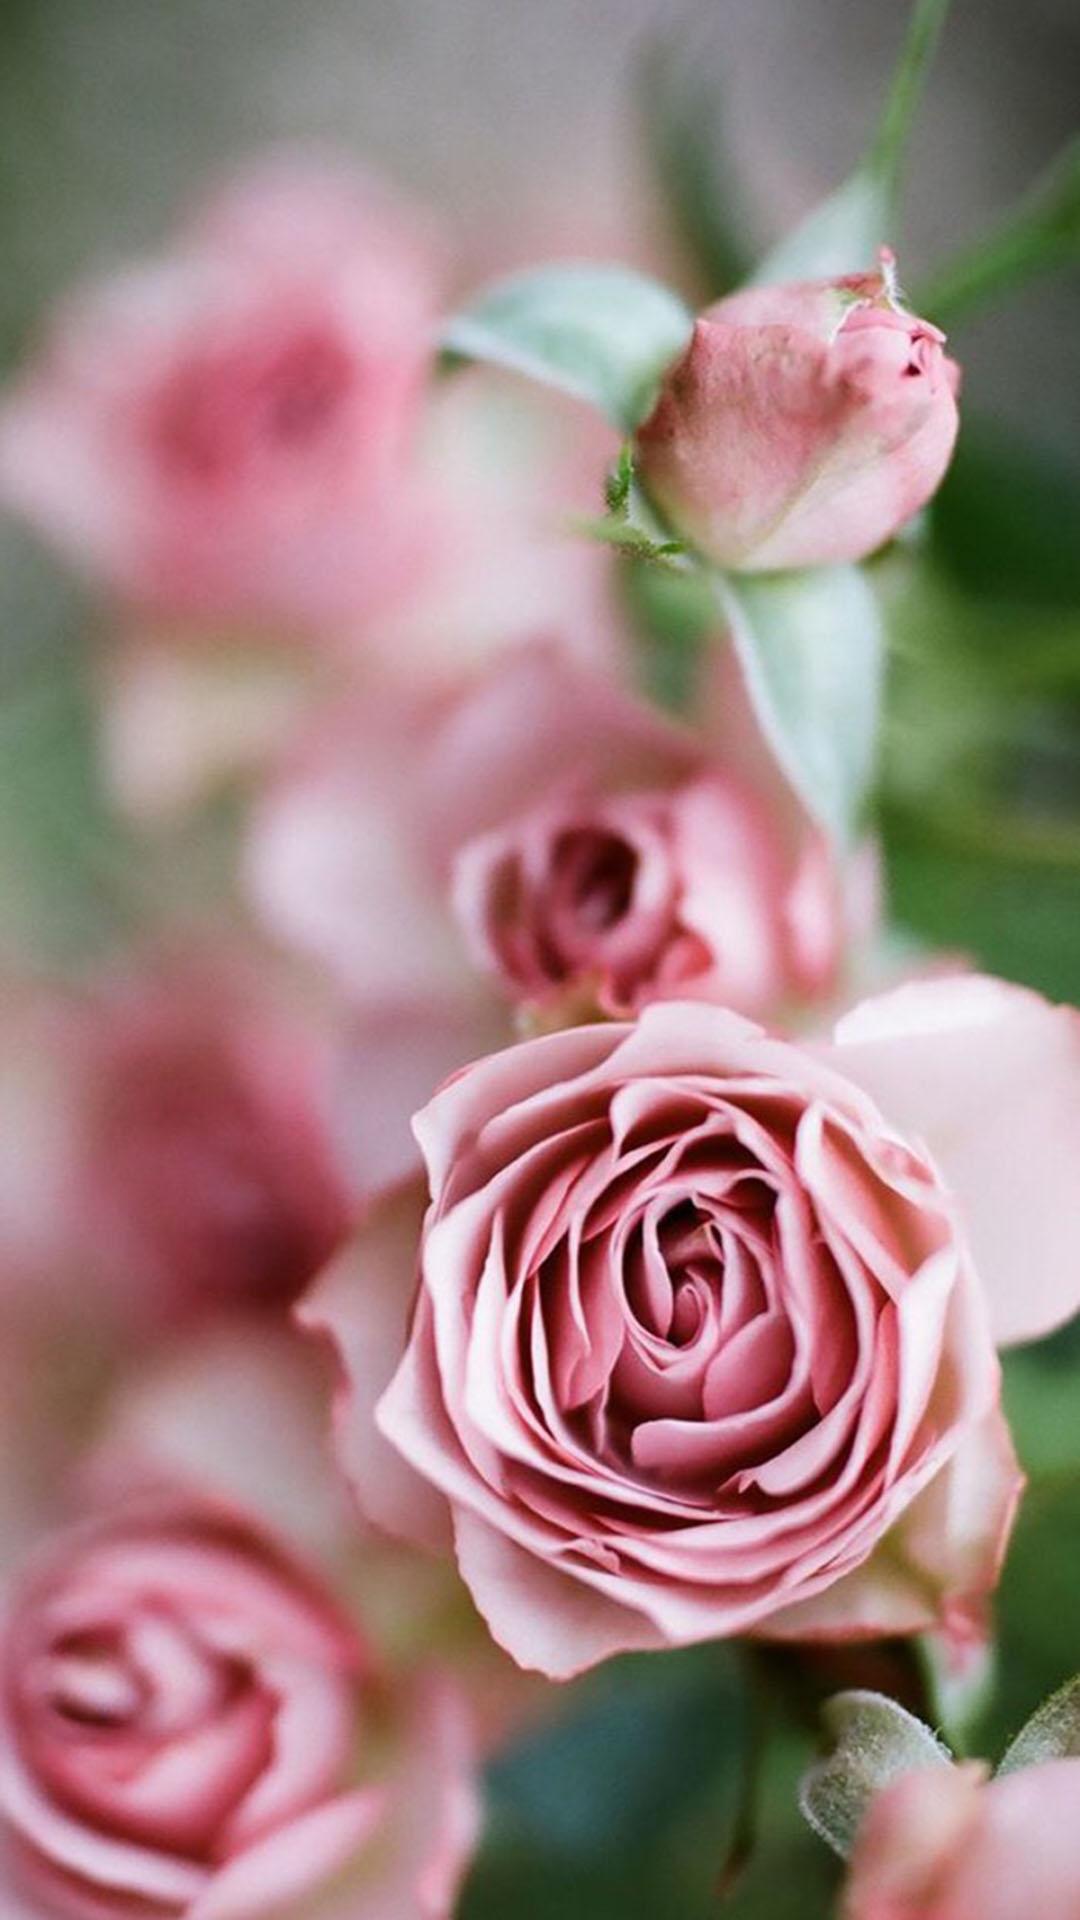 粉色玫瑰花 蔷薇 鲜花 苹果手机高清壁纸 1080x1920